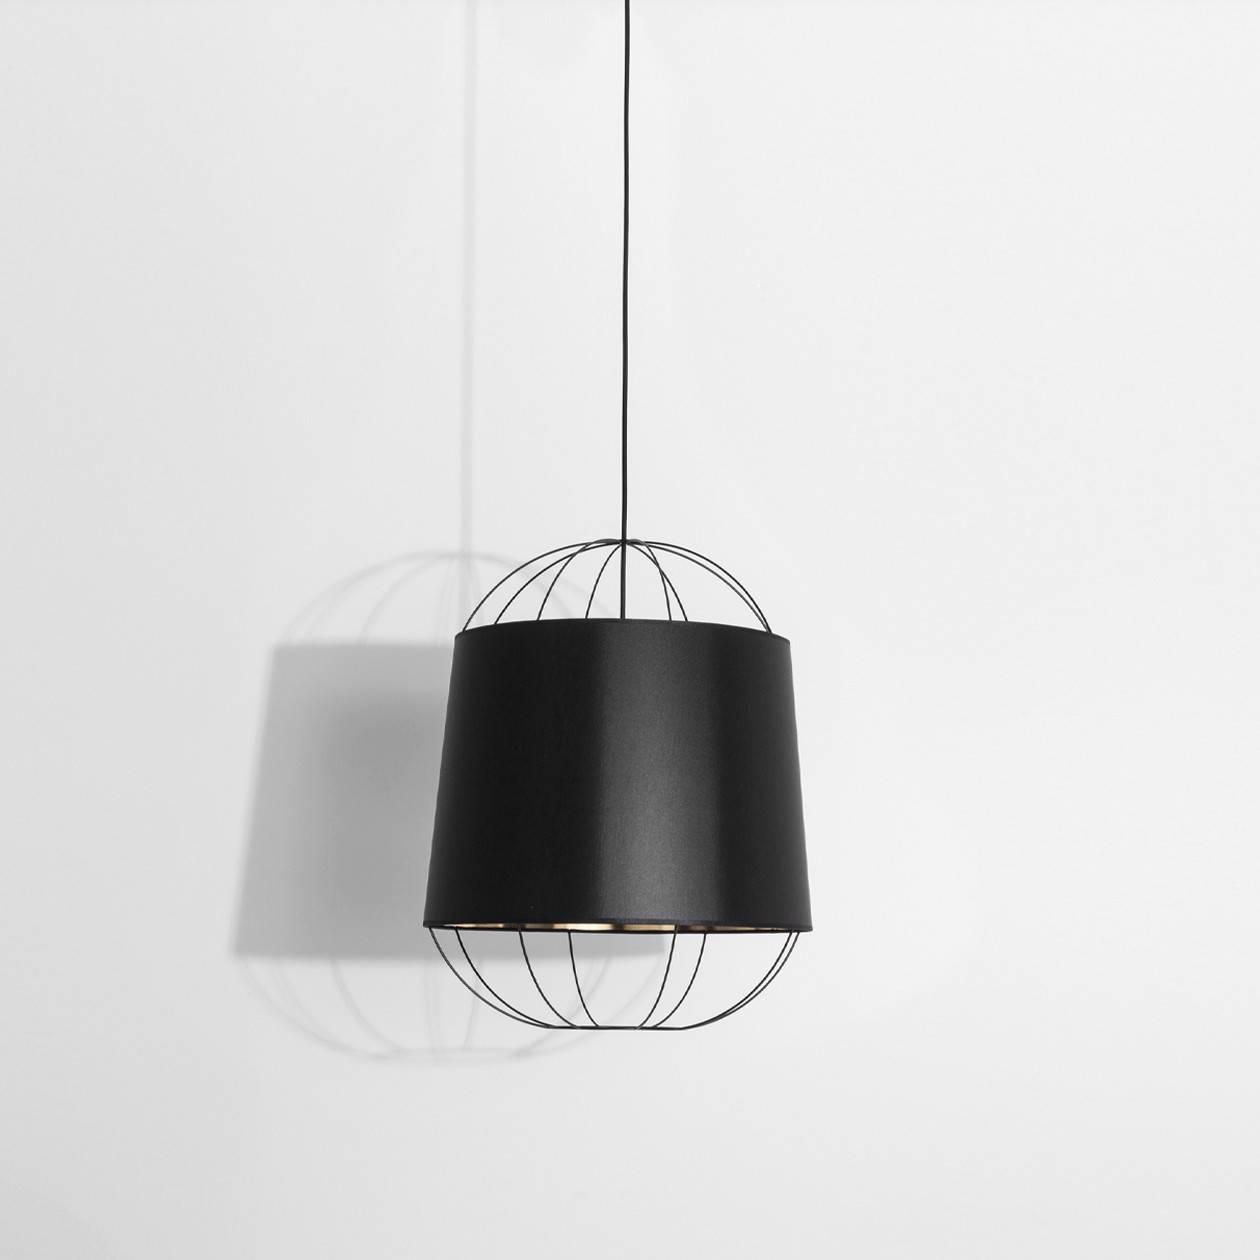 Suspension Lanterna medium noire - Sam Baron pour Petite Friture